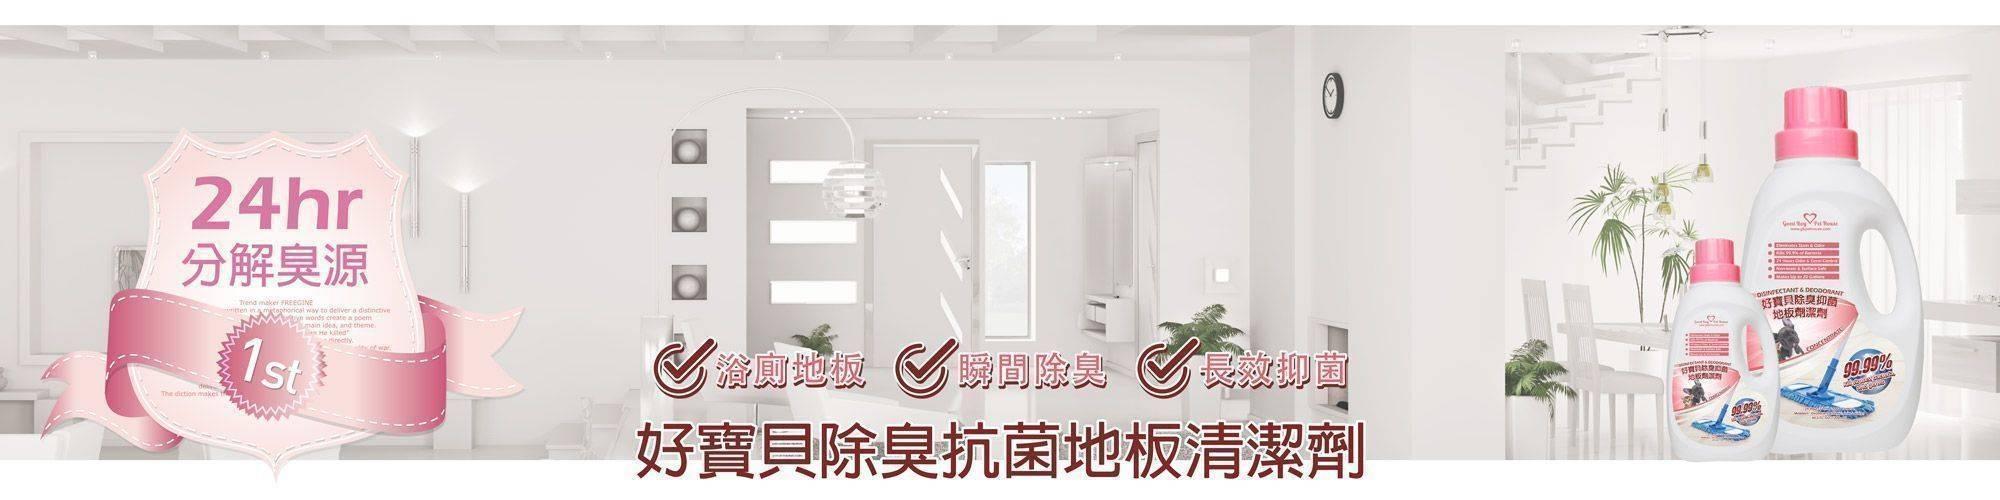 GBPH好寶貝_環境抗菌_地板除臭抗菌清潔劑01